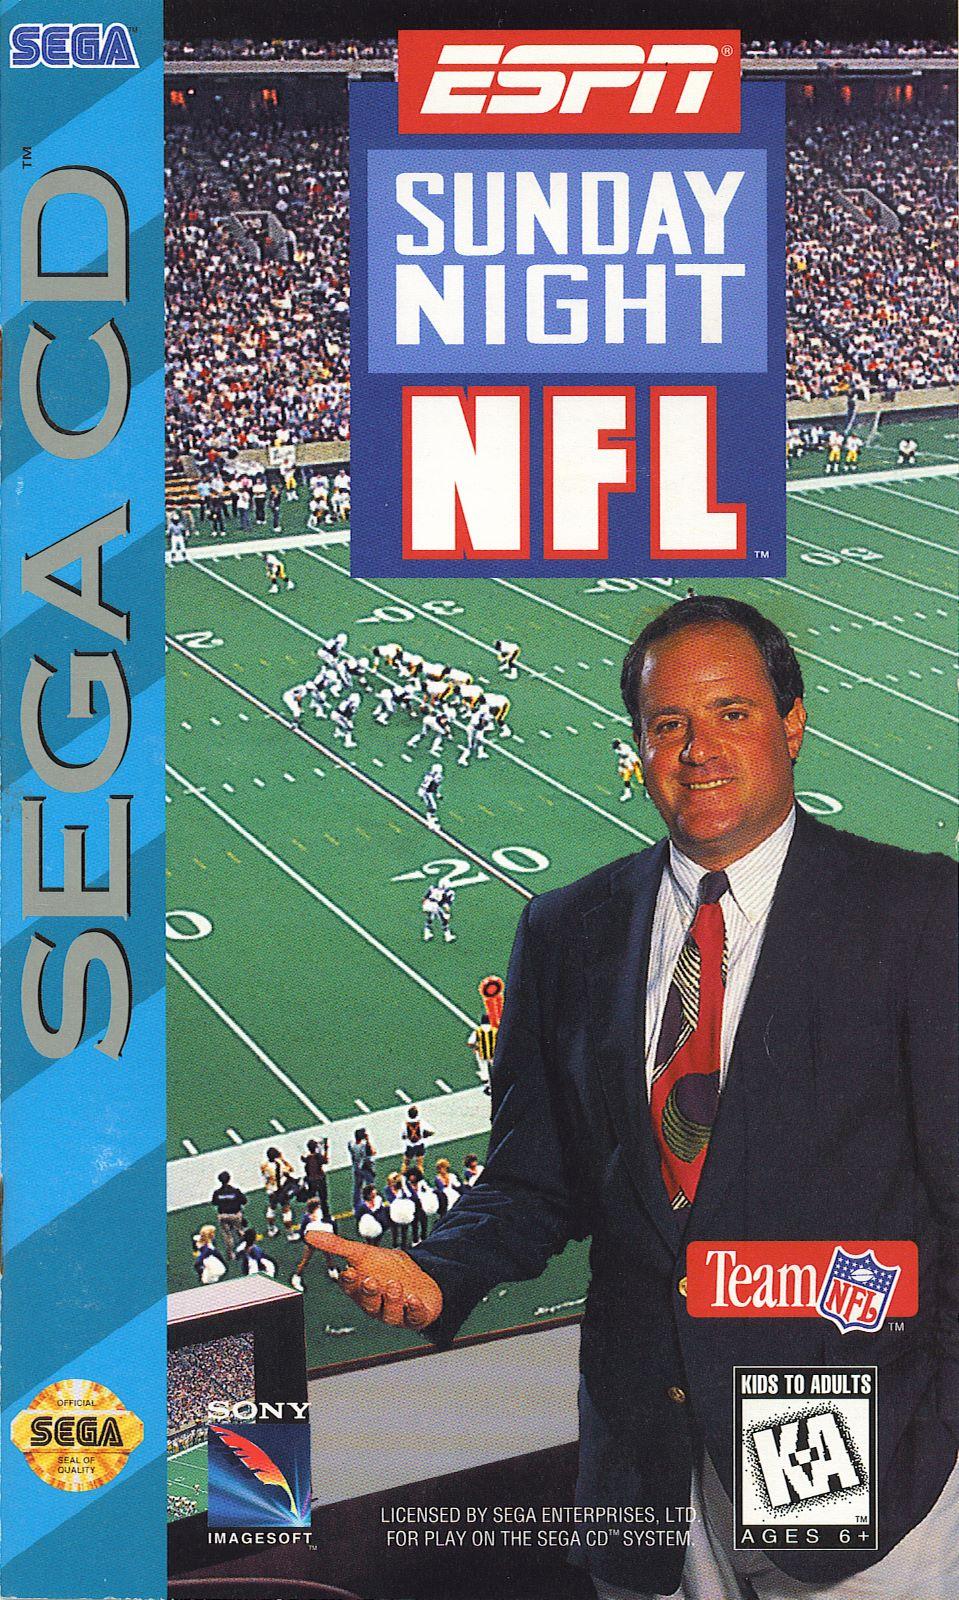 ESPN SUNDAY NIGHT NFL Sega CD Game